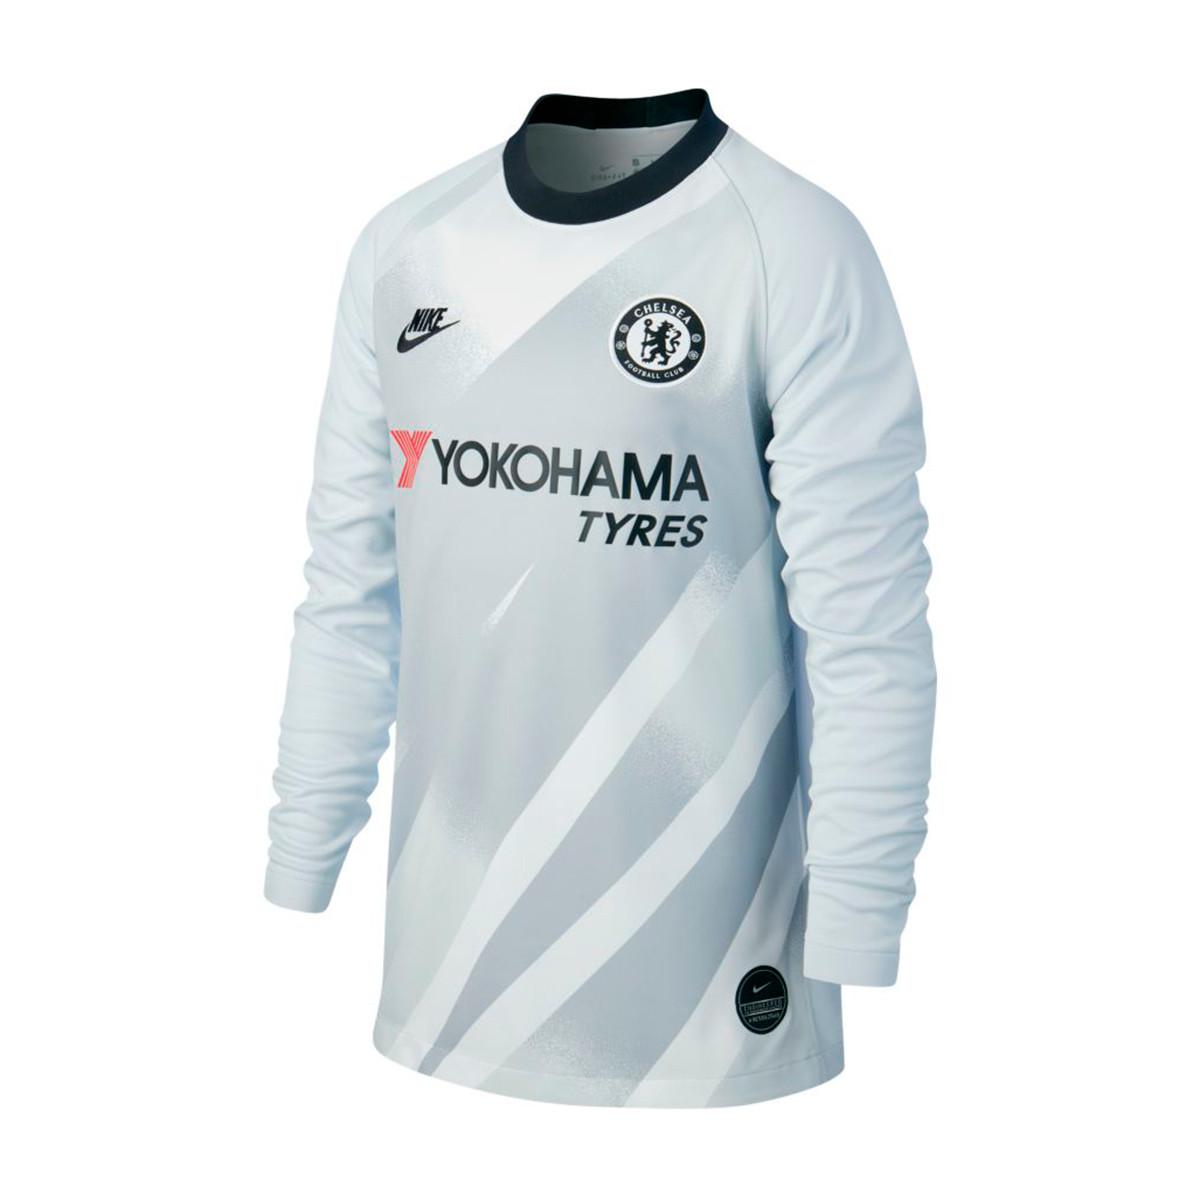 los angeles c92a9 7c2ac Camiseta Chelsea FC Breathe Stadium Portero 2019-2020 Niño CL Pure  platinum-Black